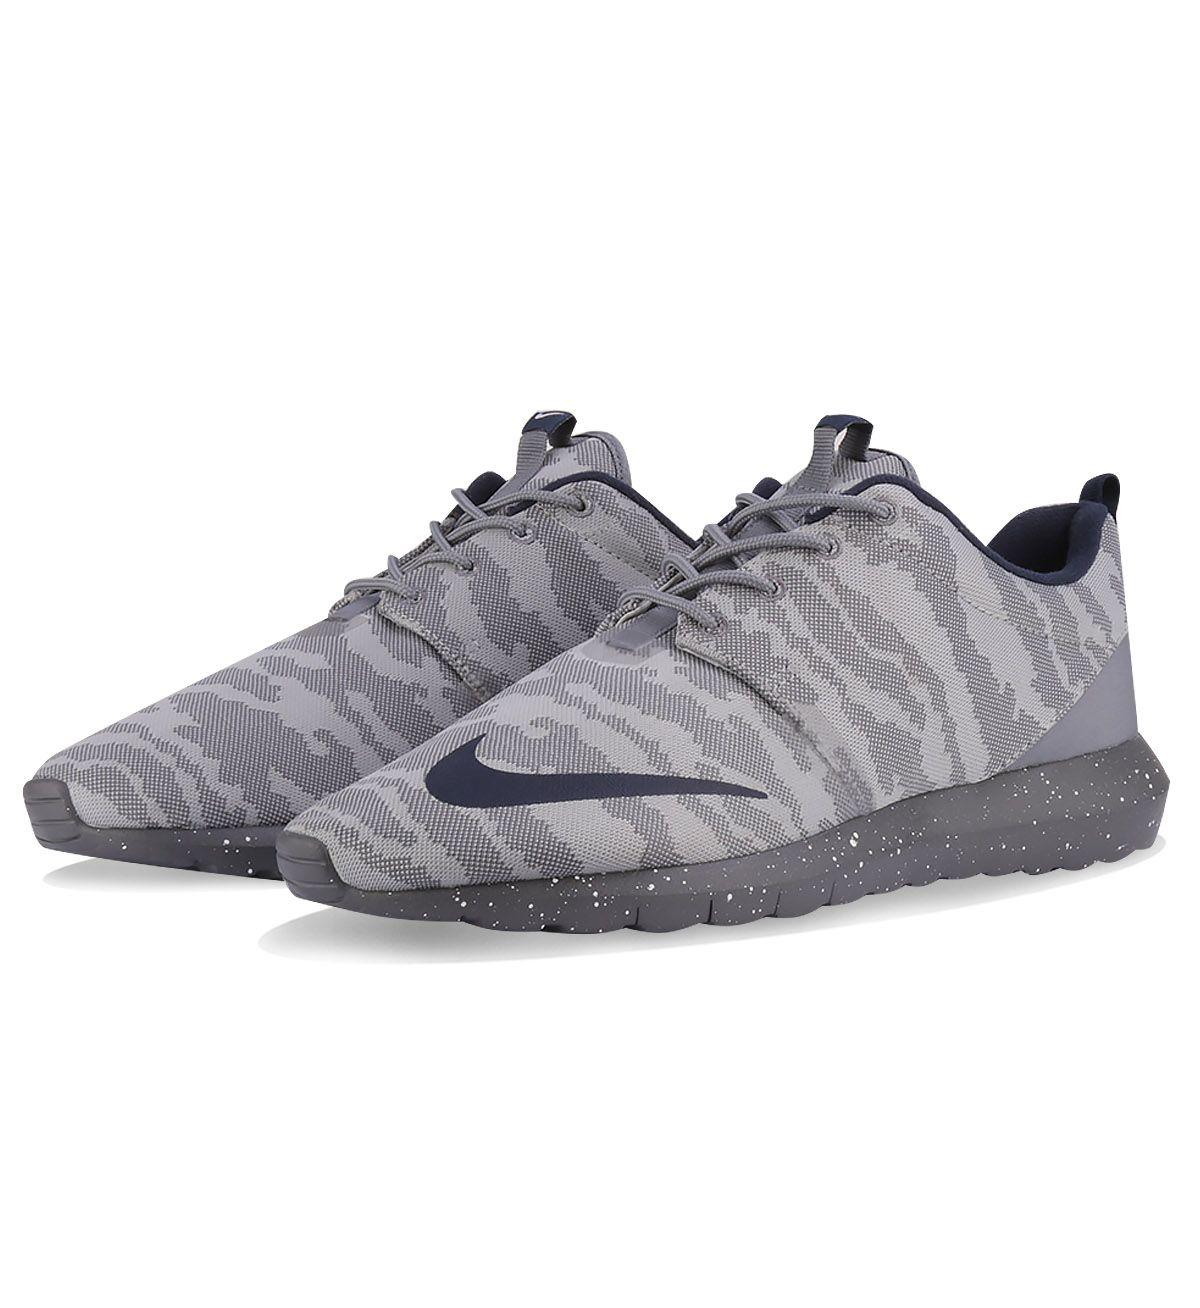 3465b524b48a Nike Roshe NM FB Flat Silver   Obsidian   Dark Grey - Nike The Nike Roshe